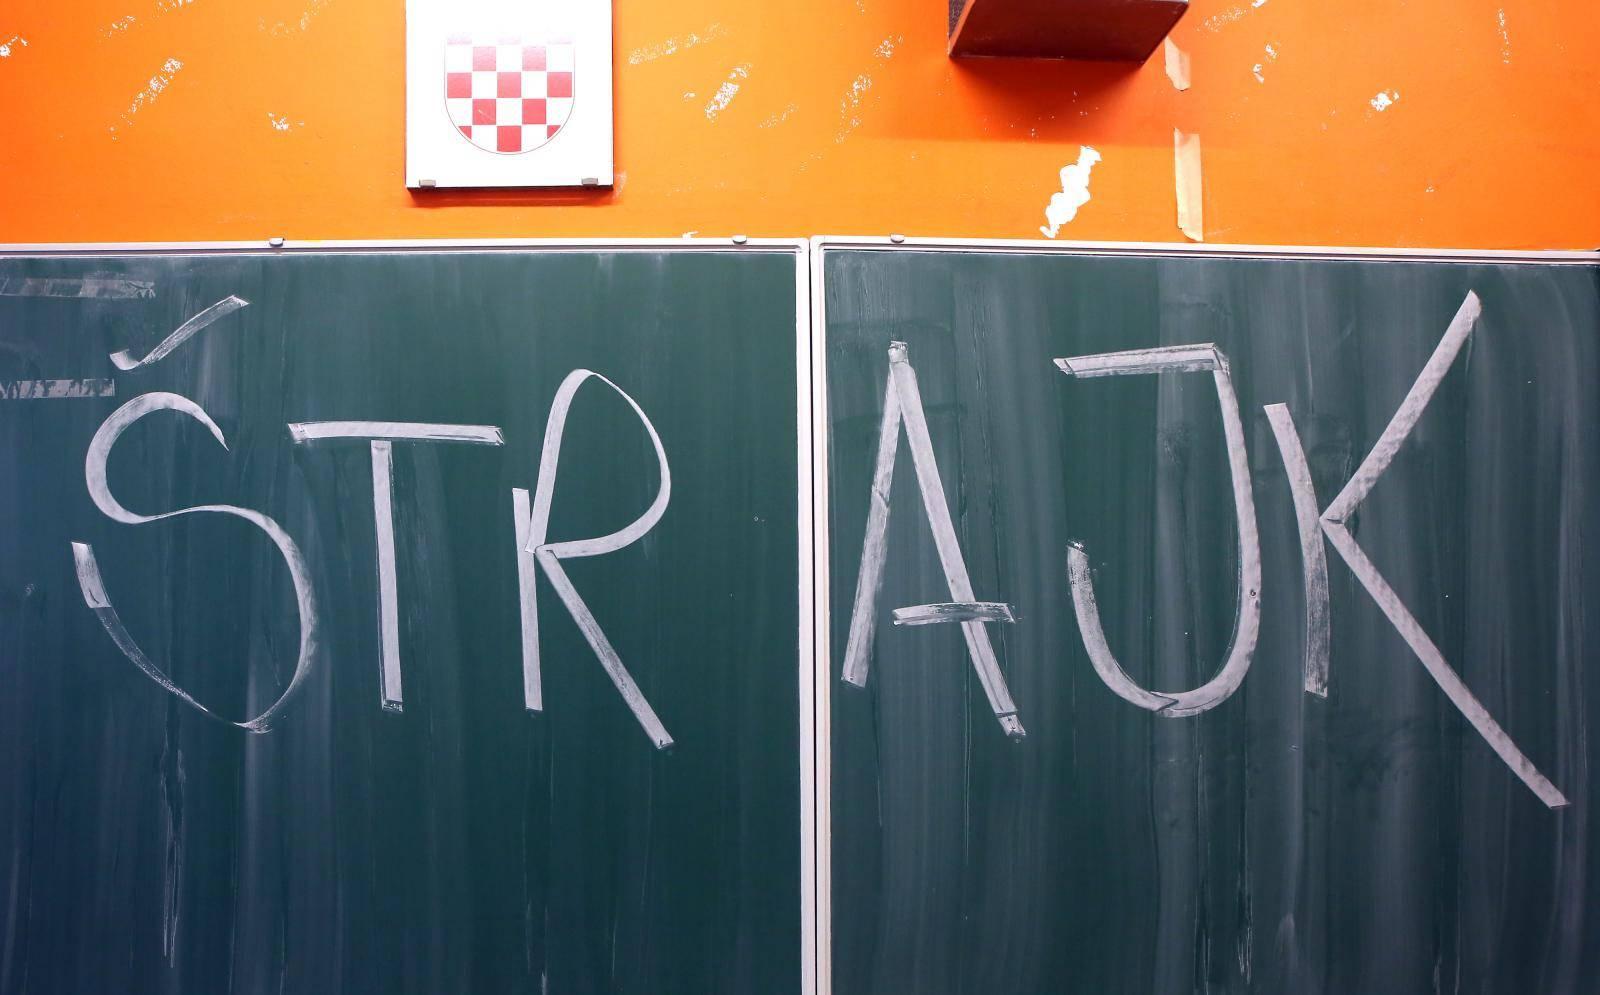 Åibenik: U cijeloj hrvatskoj danas traje Å¡trajk u Å¡kolama